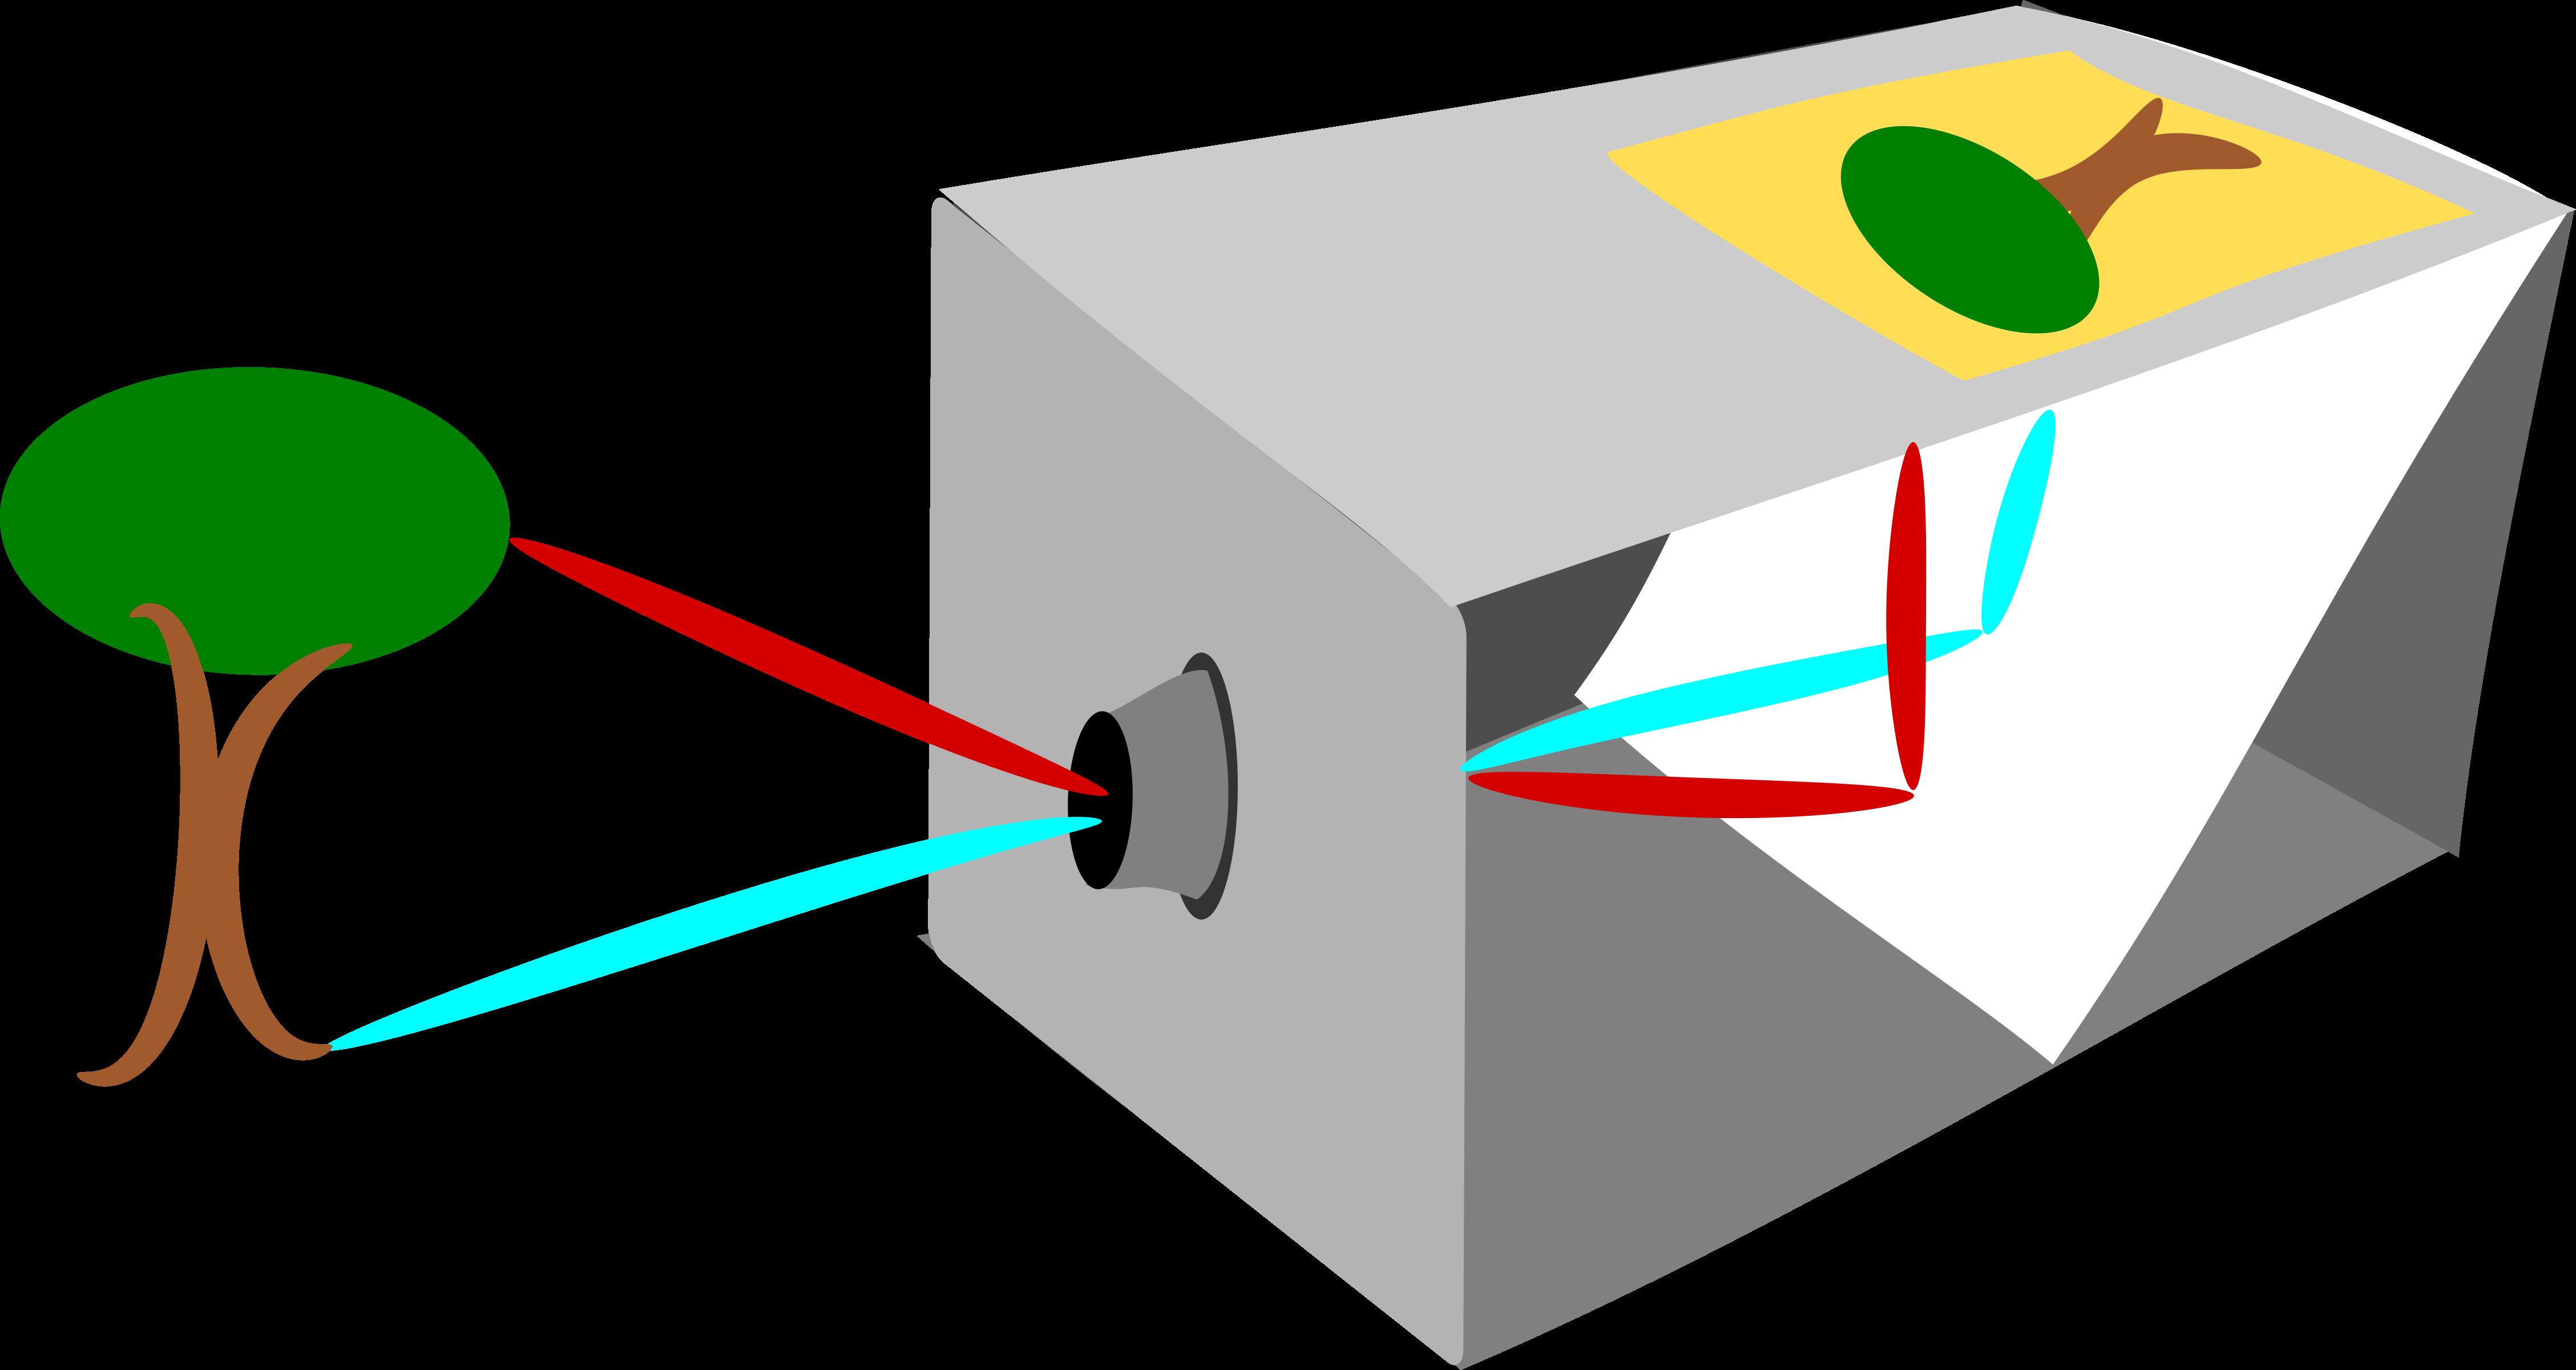 Камера-обскура - это... для чего служит, как изготовить своими руками камеру-обскура